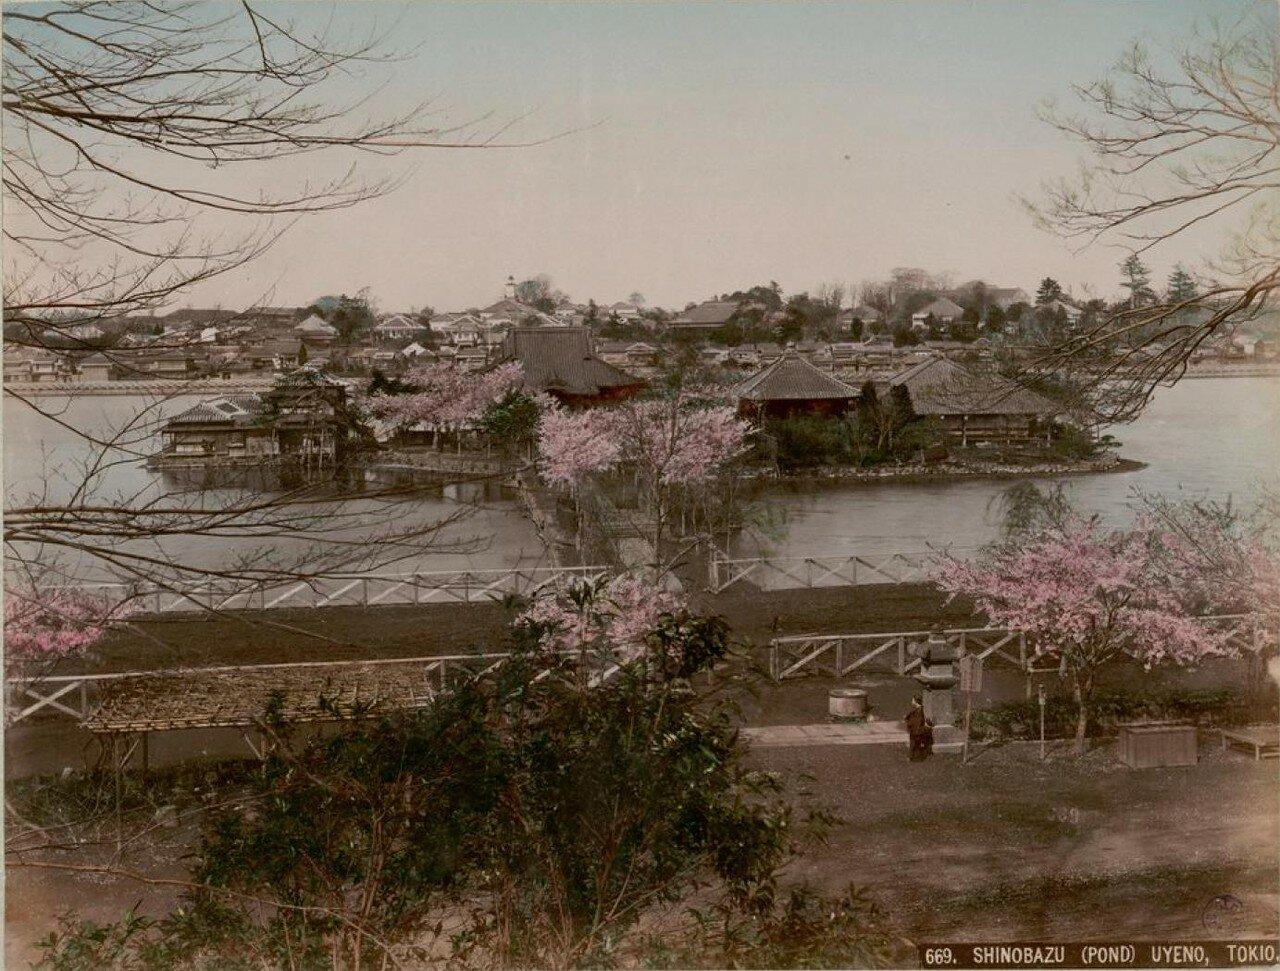 Токио. Высочайше пожалованный парк Уэно. Пруд Синобадзу